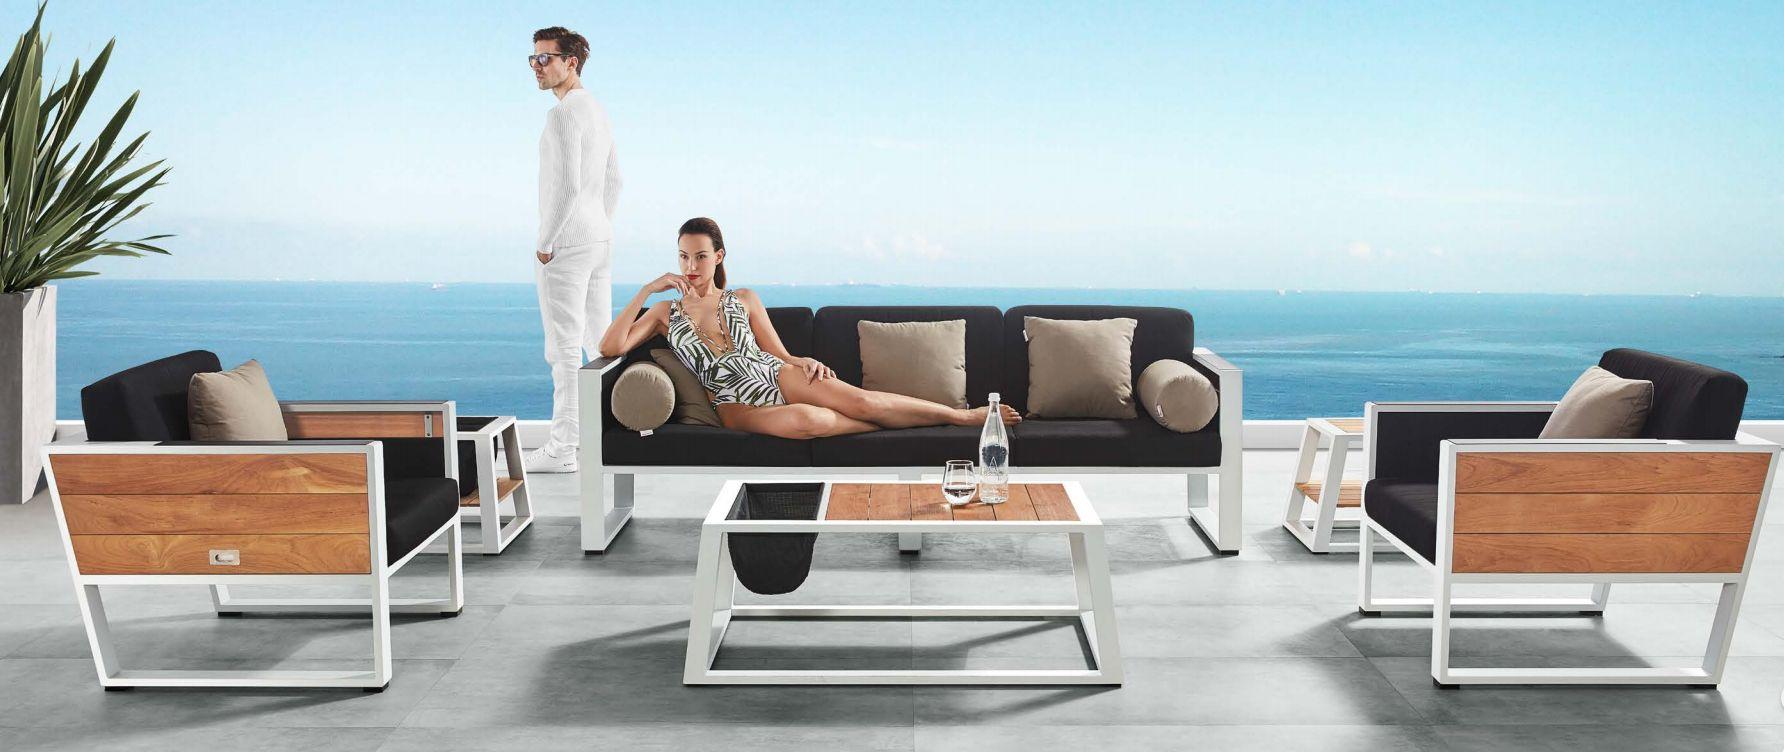 Vášeň pro nábytek